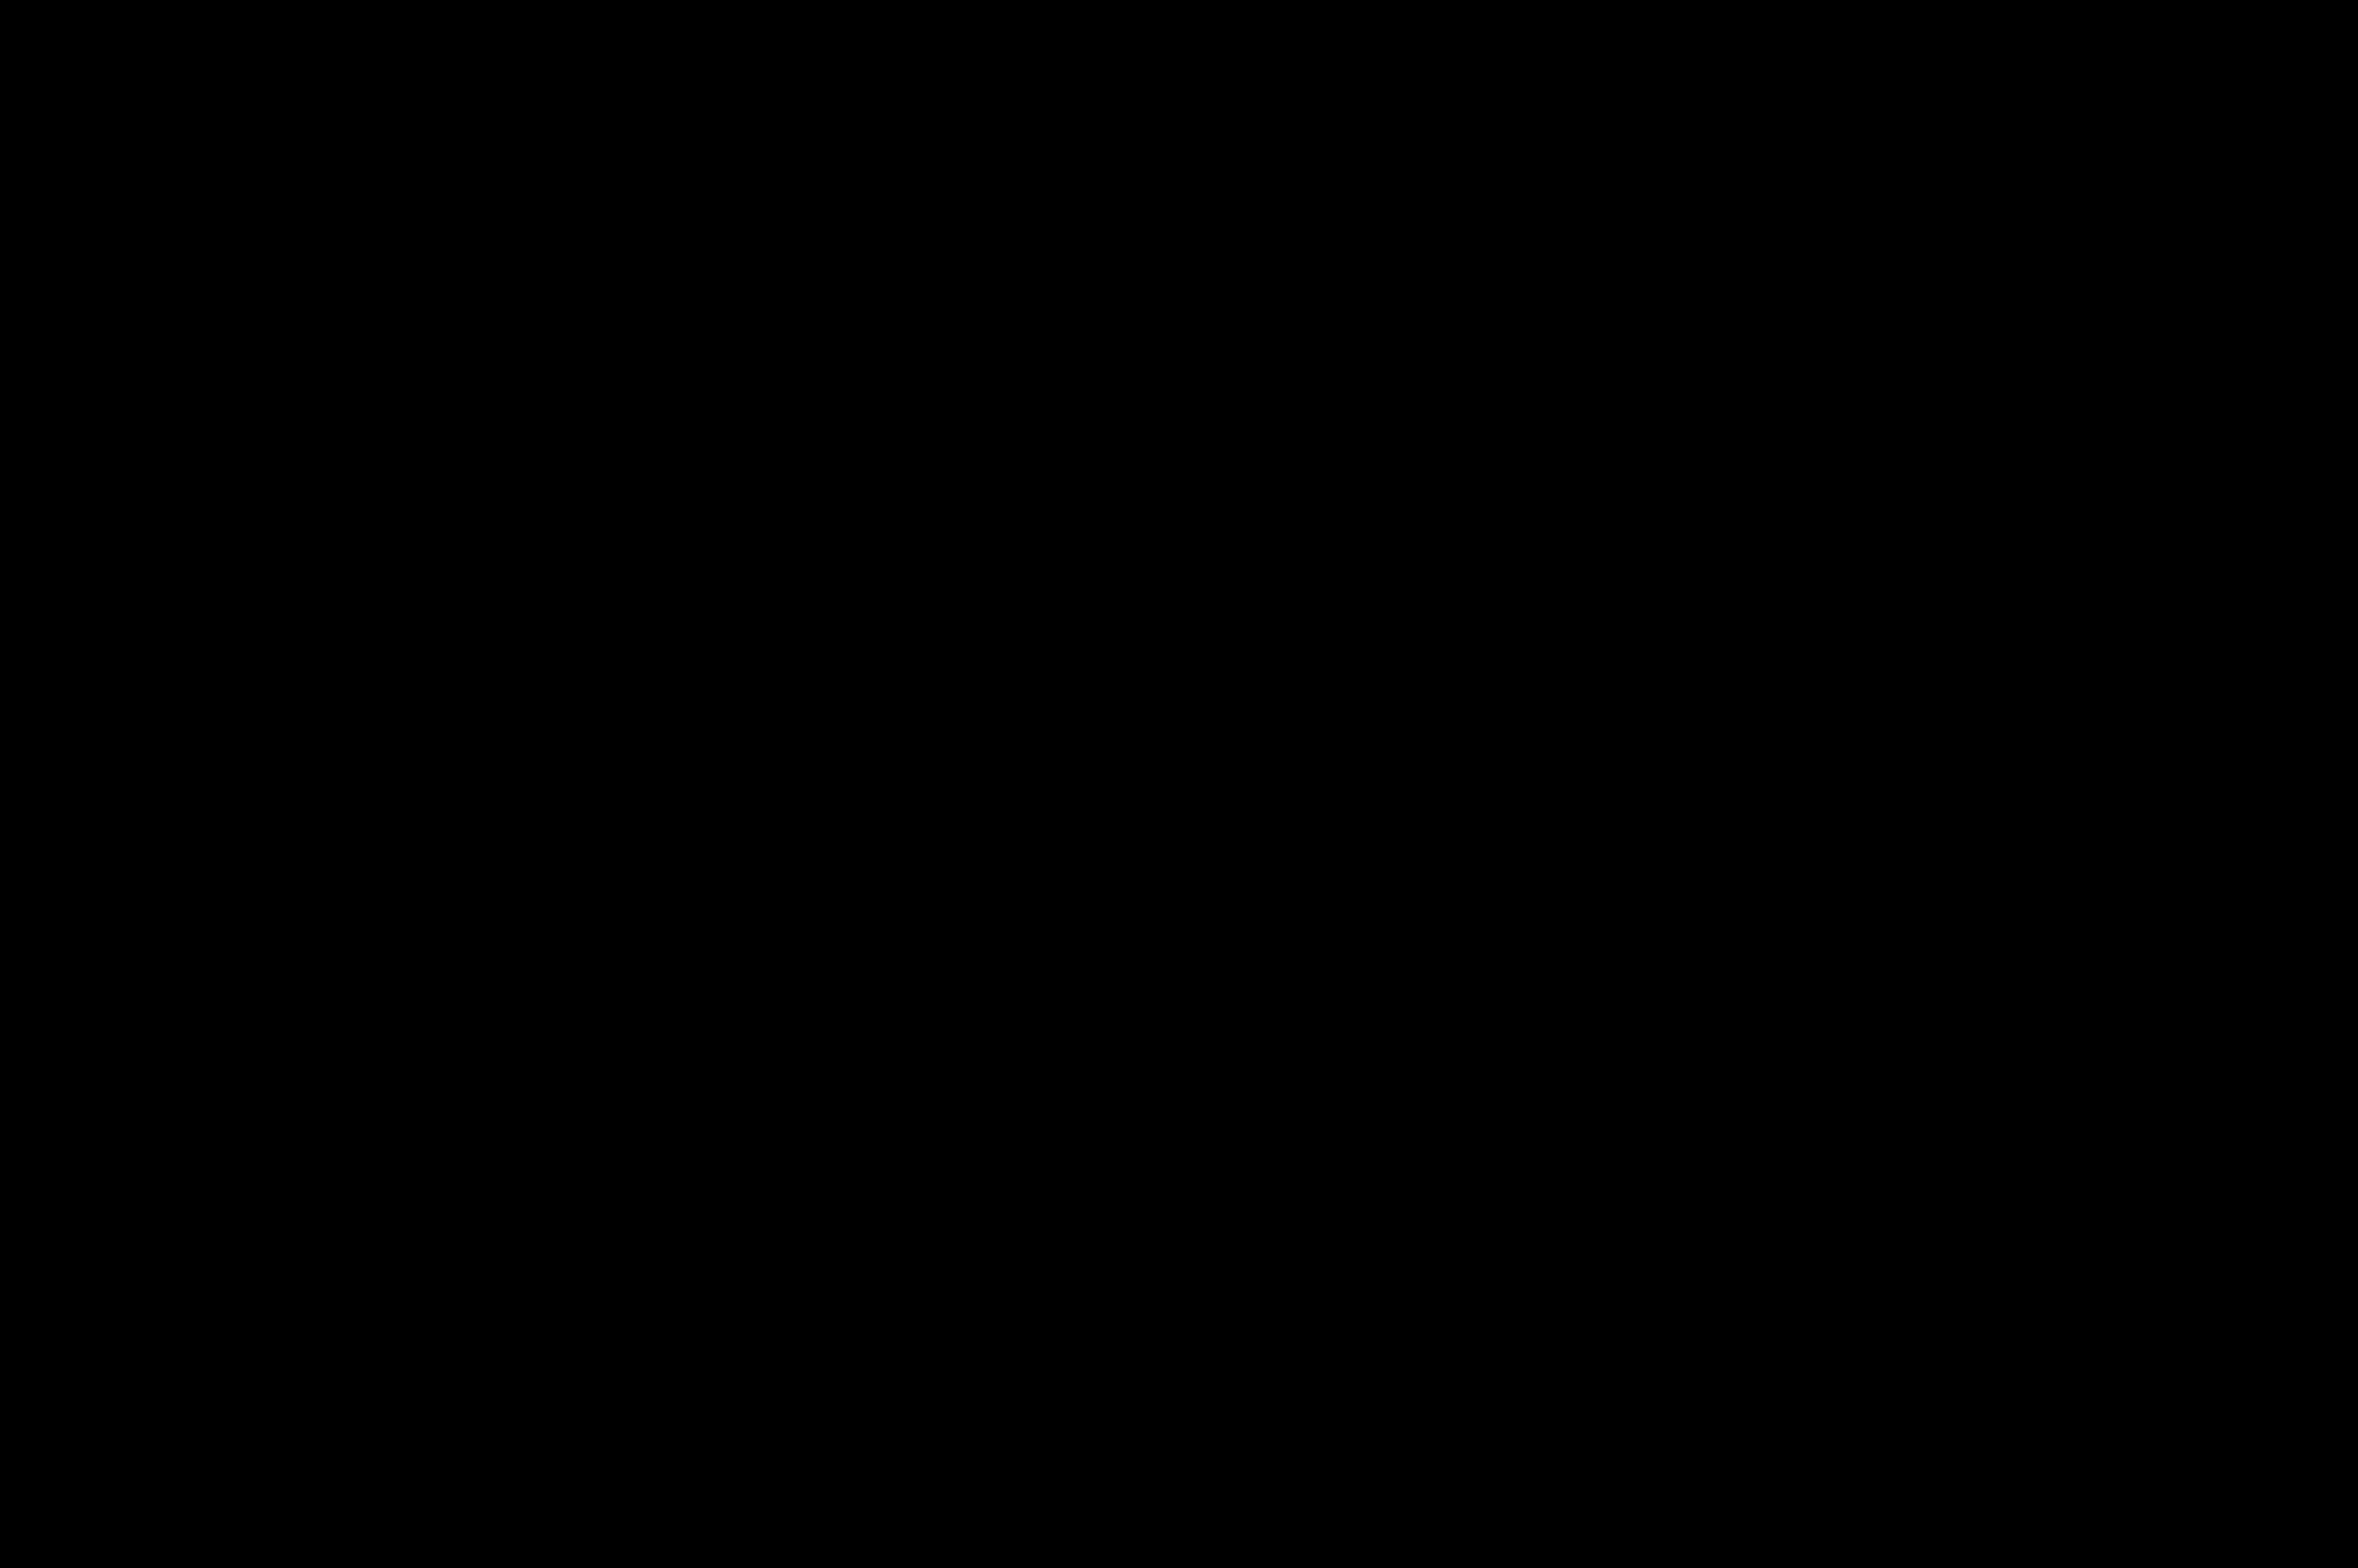 Antique maps antiquemaps 02604 Preliminary post route map